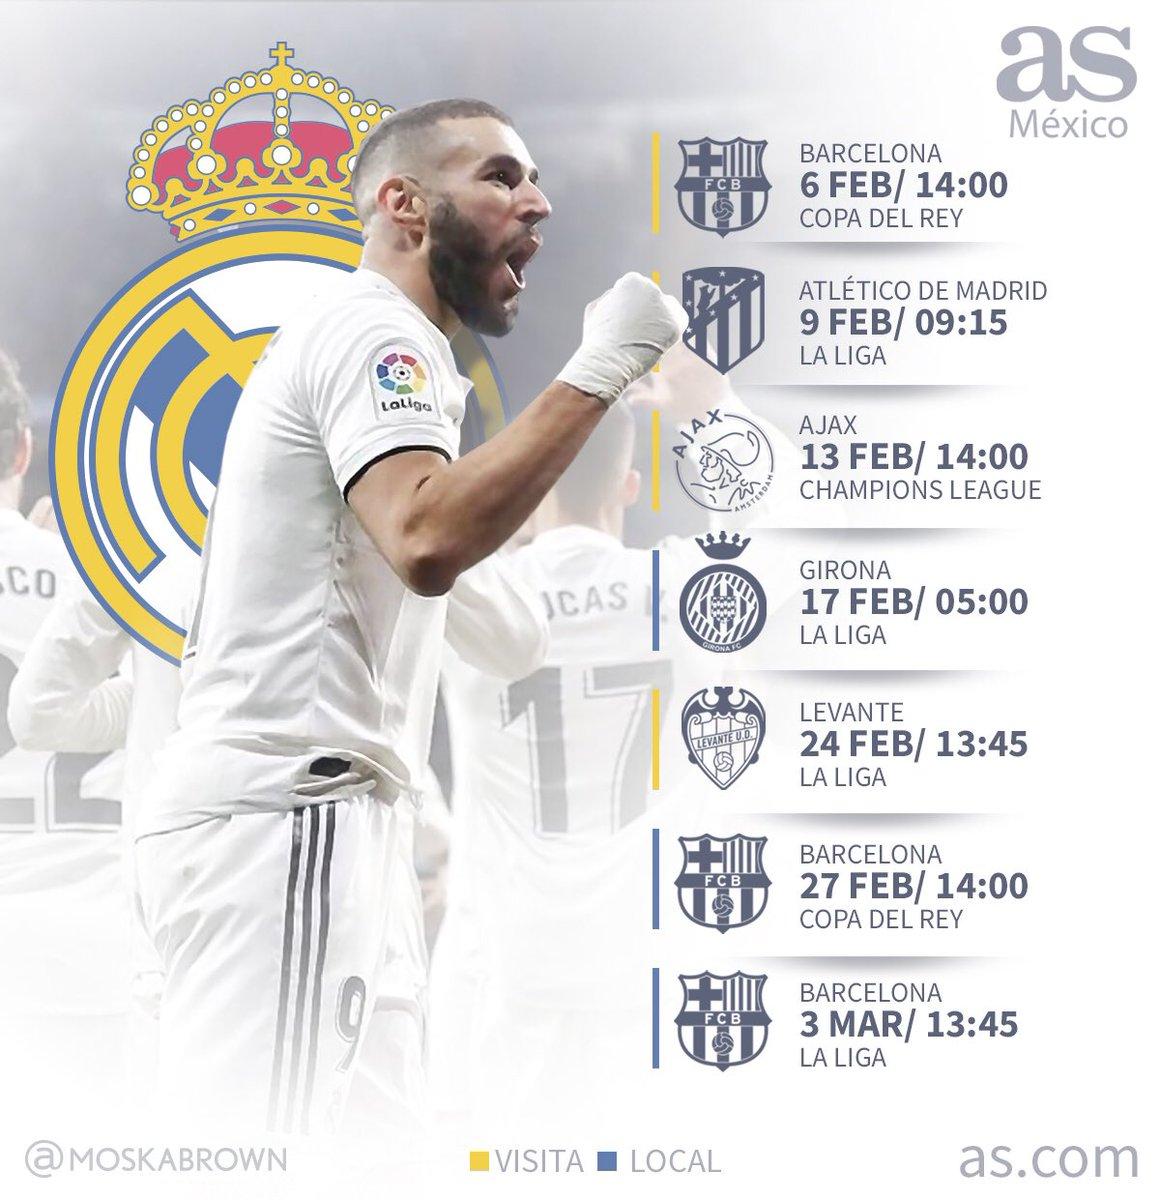 Calendario Real Madrid.Moskabrown On Twitter Calendario Realmadrid Fcbarcelona Es